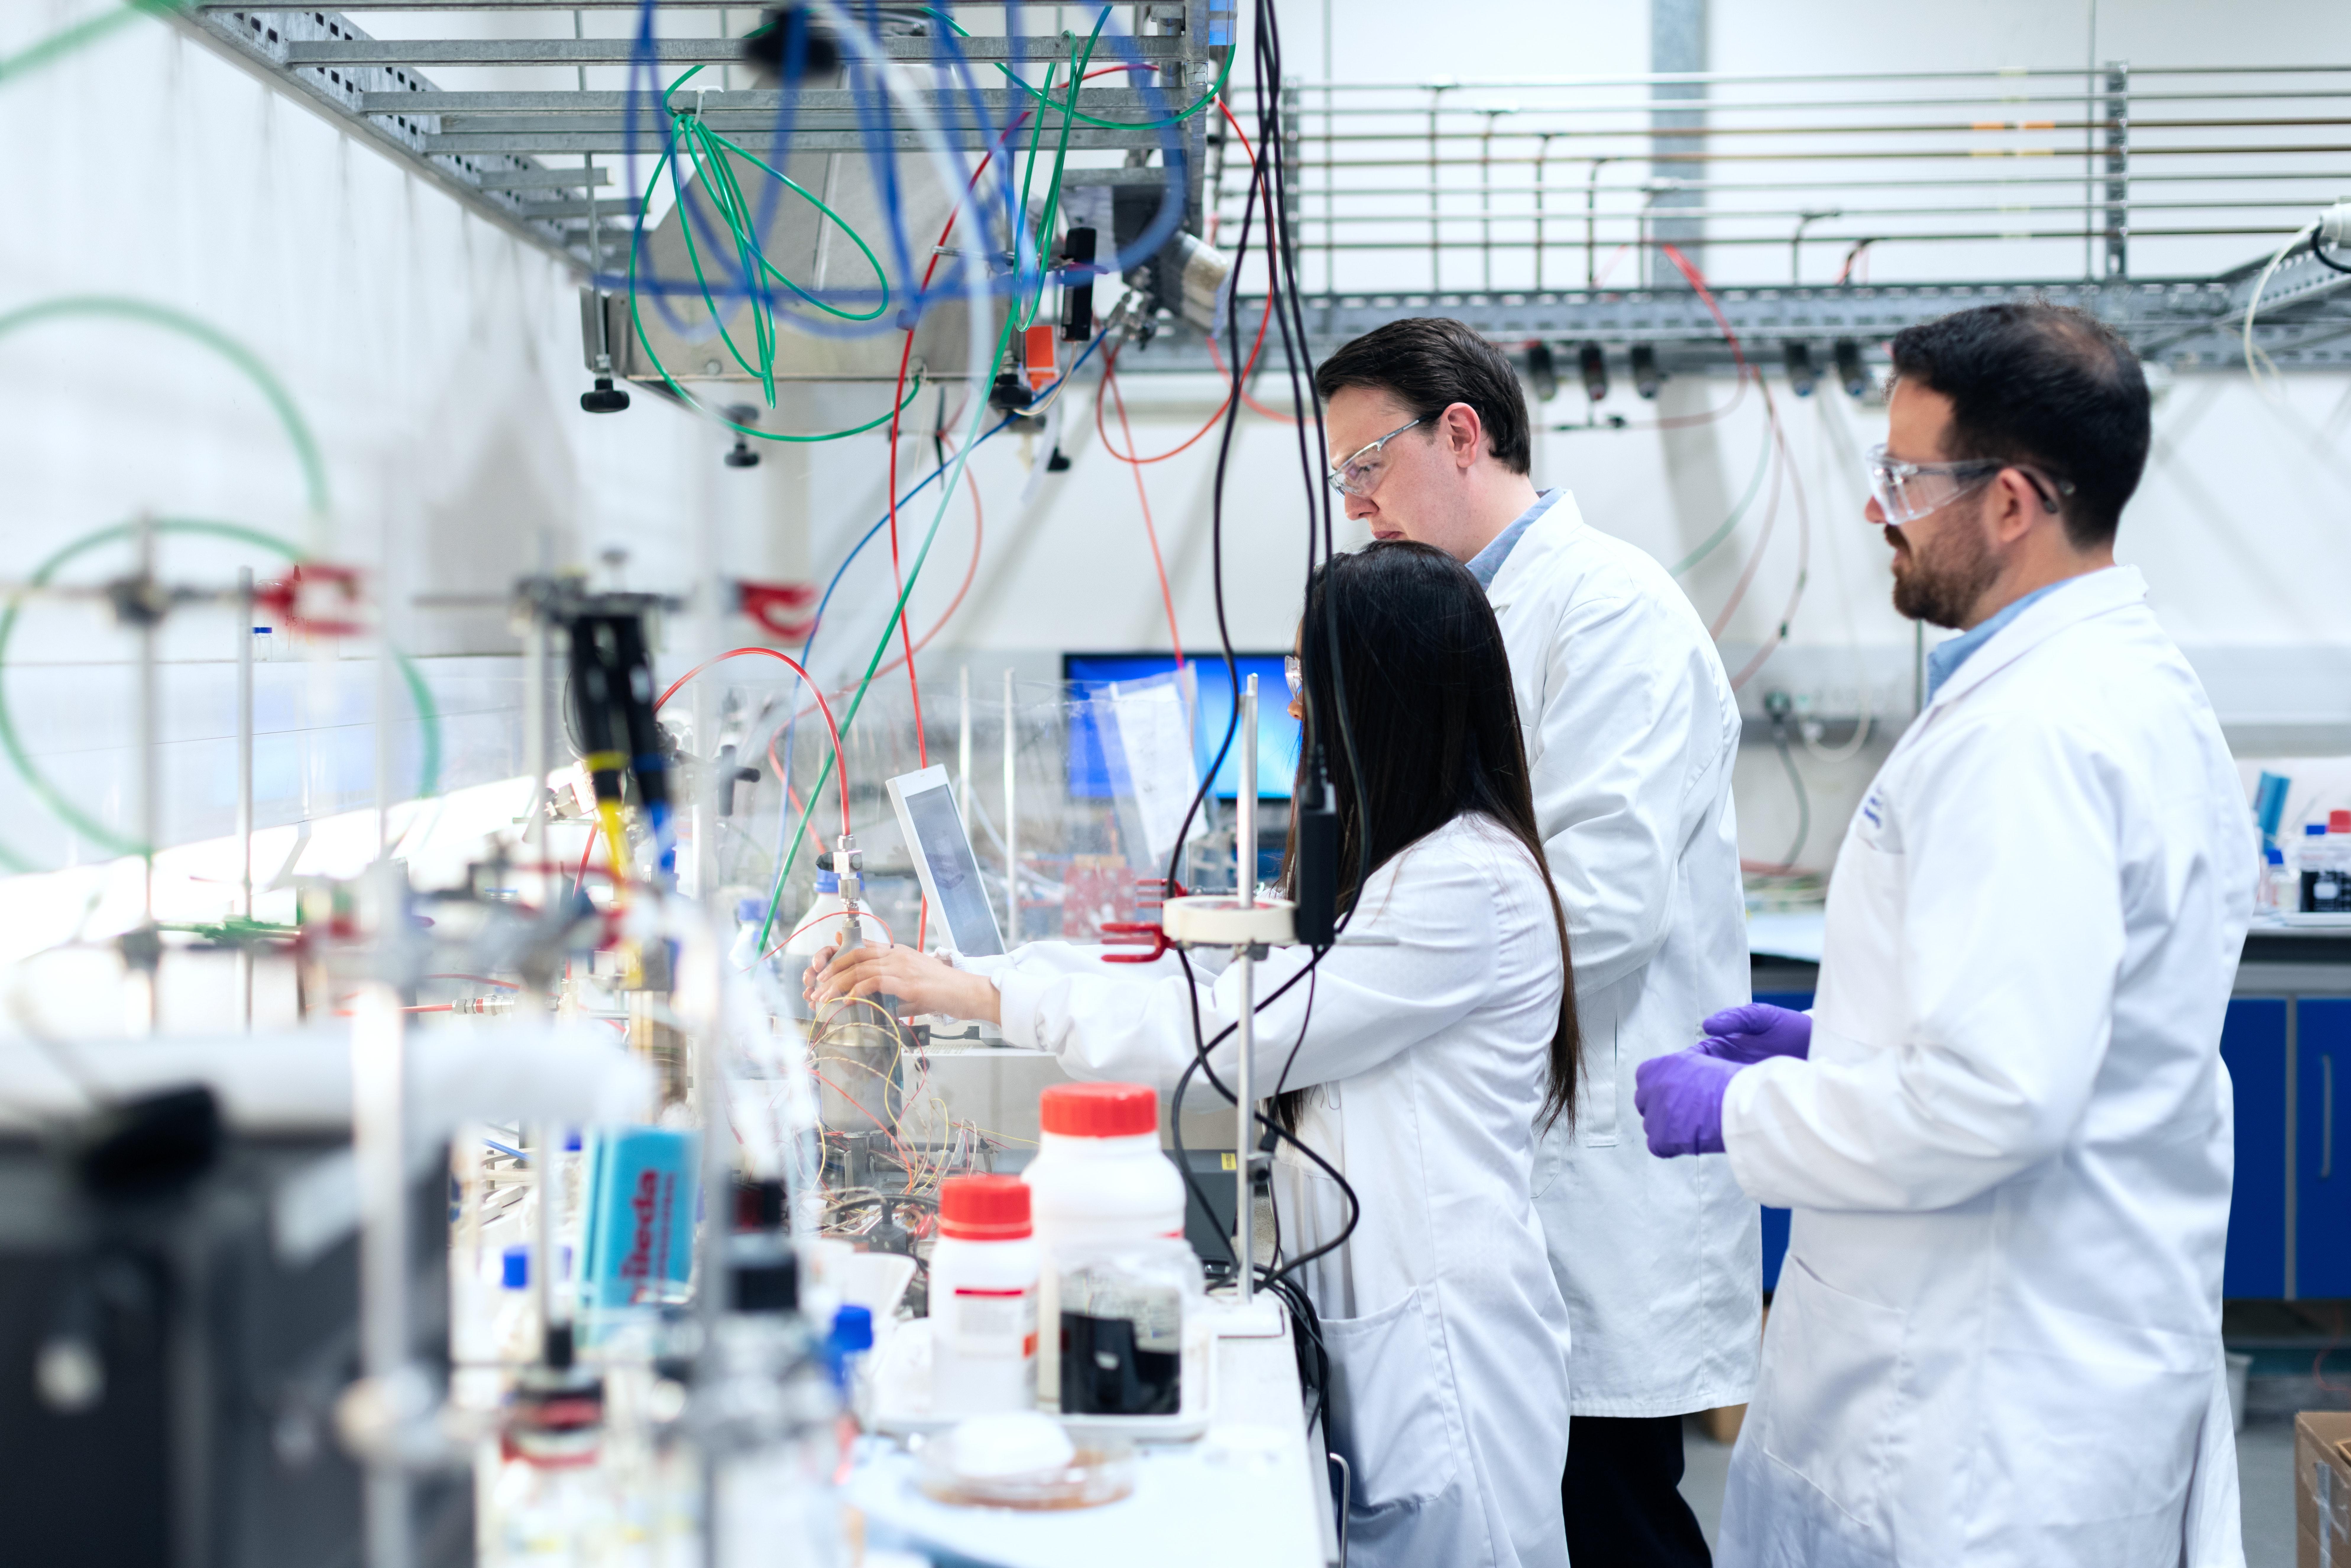 Das Foto zeigt ein Labor. Zwei männliche und eine weibliche Wissenschaftlerin